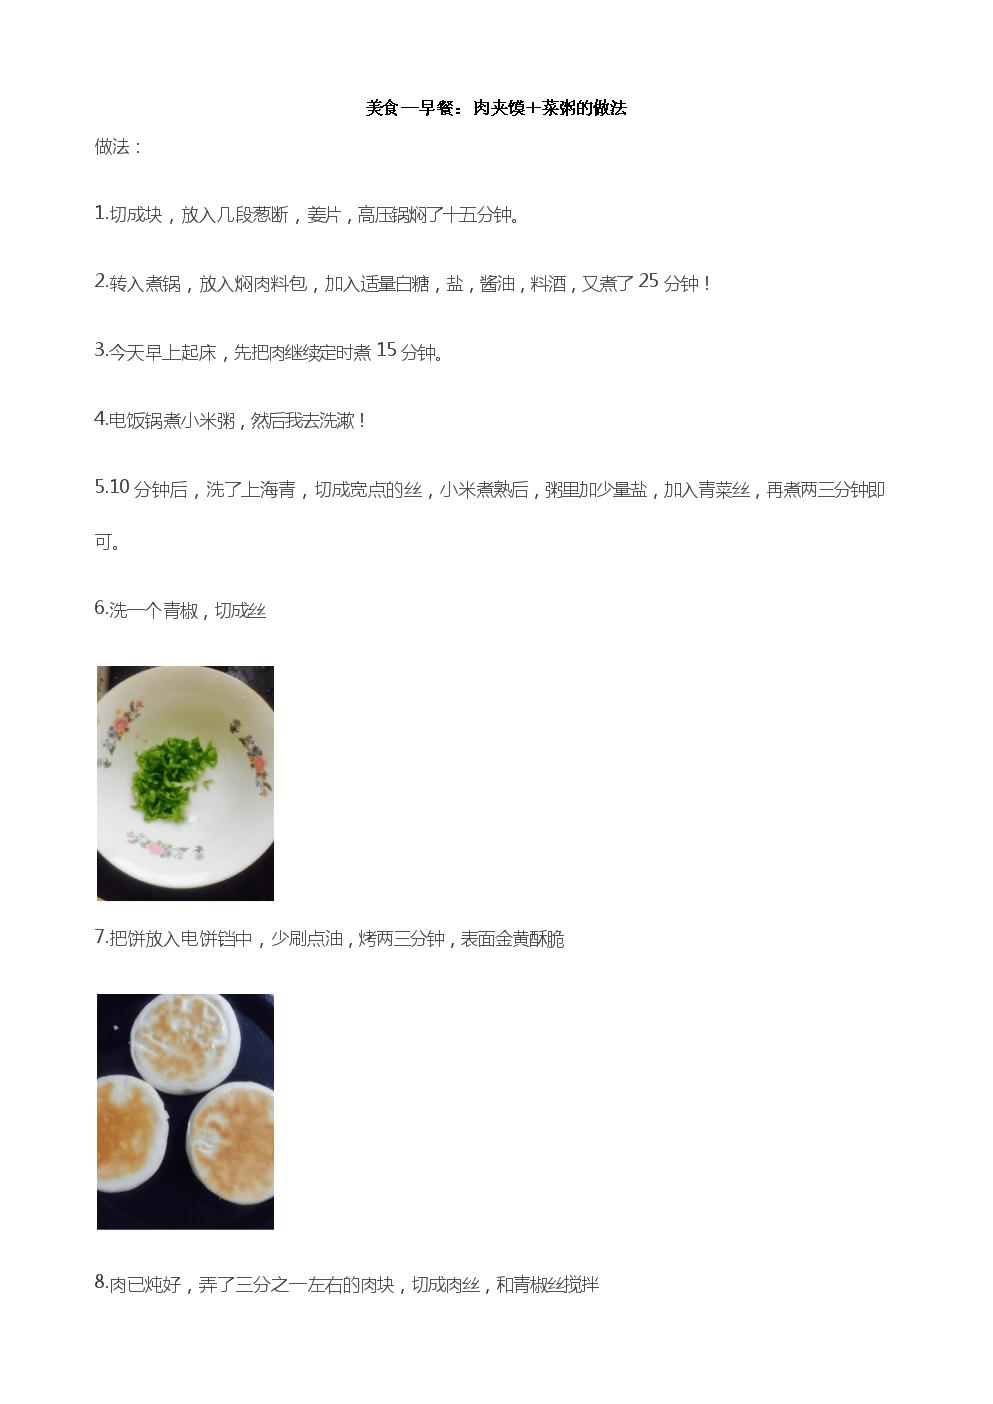 美食—早餐:肉夹馍+菜粥的做法.docx